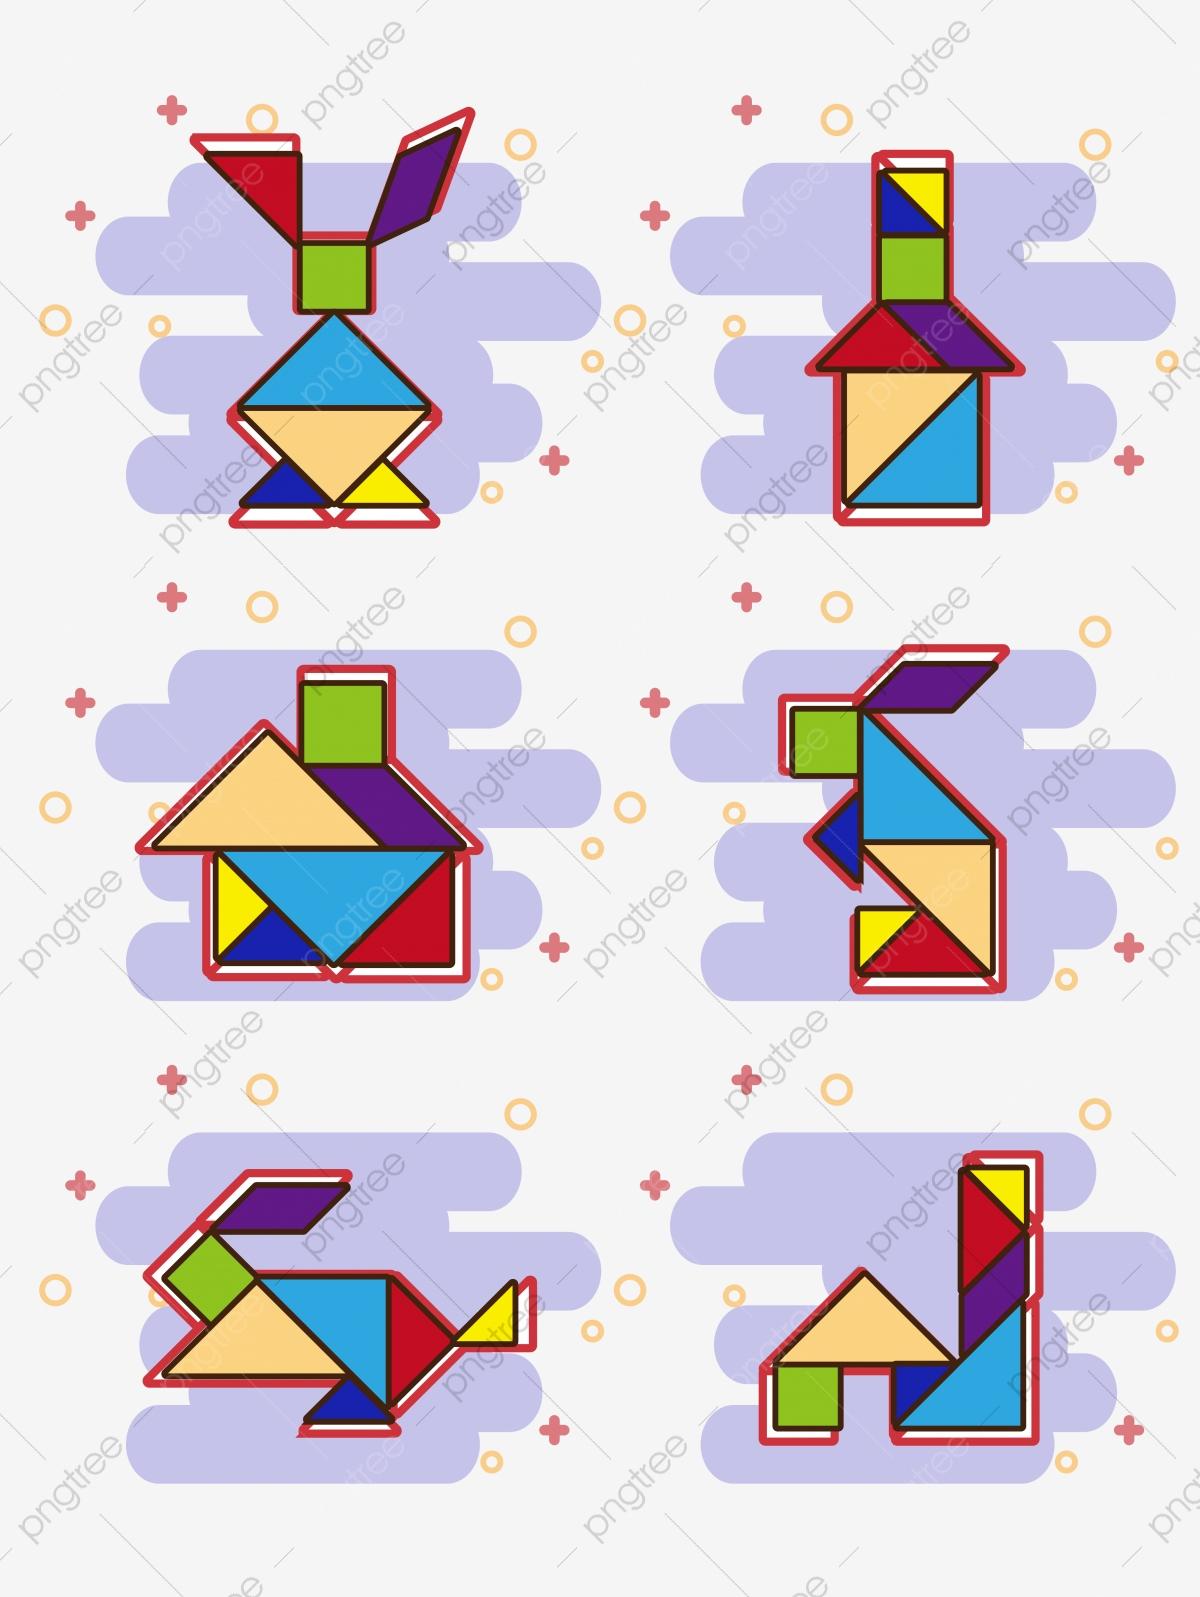 Puzzle Nouvel An Pdf Lapin, D'origine, Année Du Lapin, Lapin intérieur Tangram Lapin